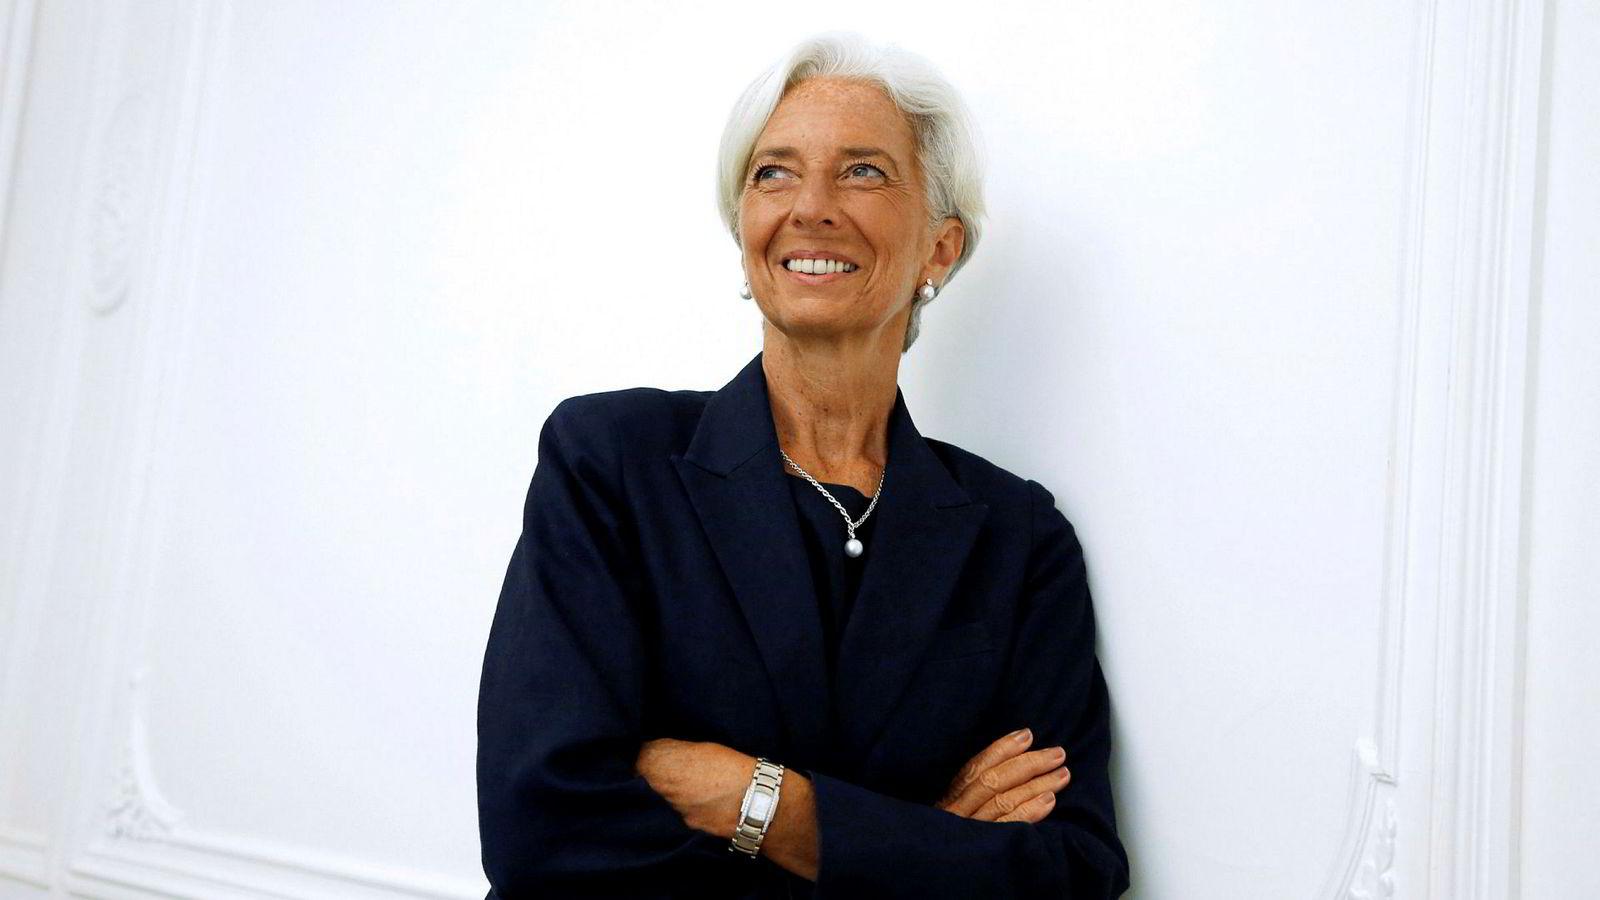 Franske Christine Lagarde (63), blir ny president i Den europeiske sentralbanken ECB.